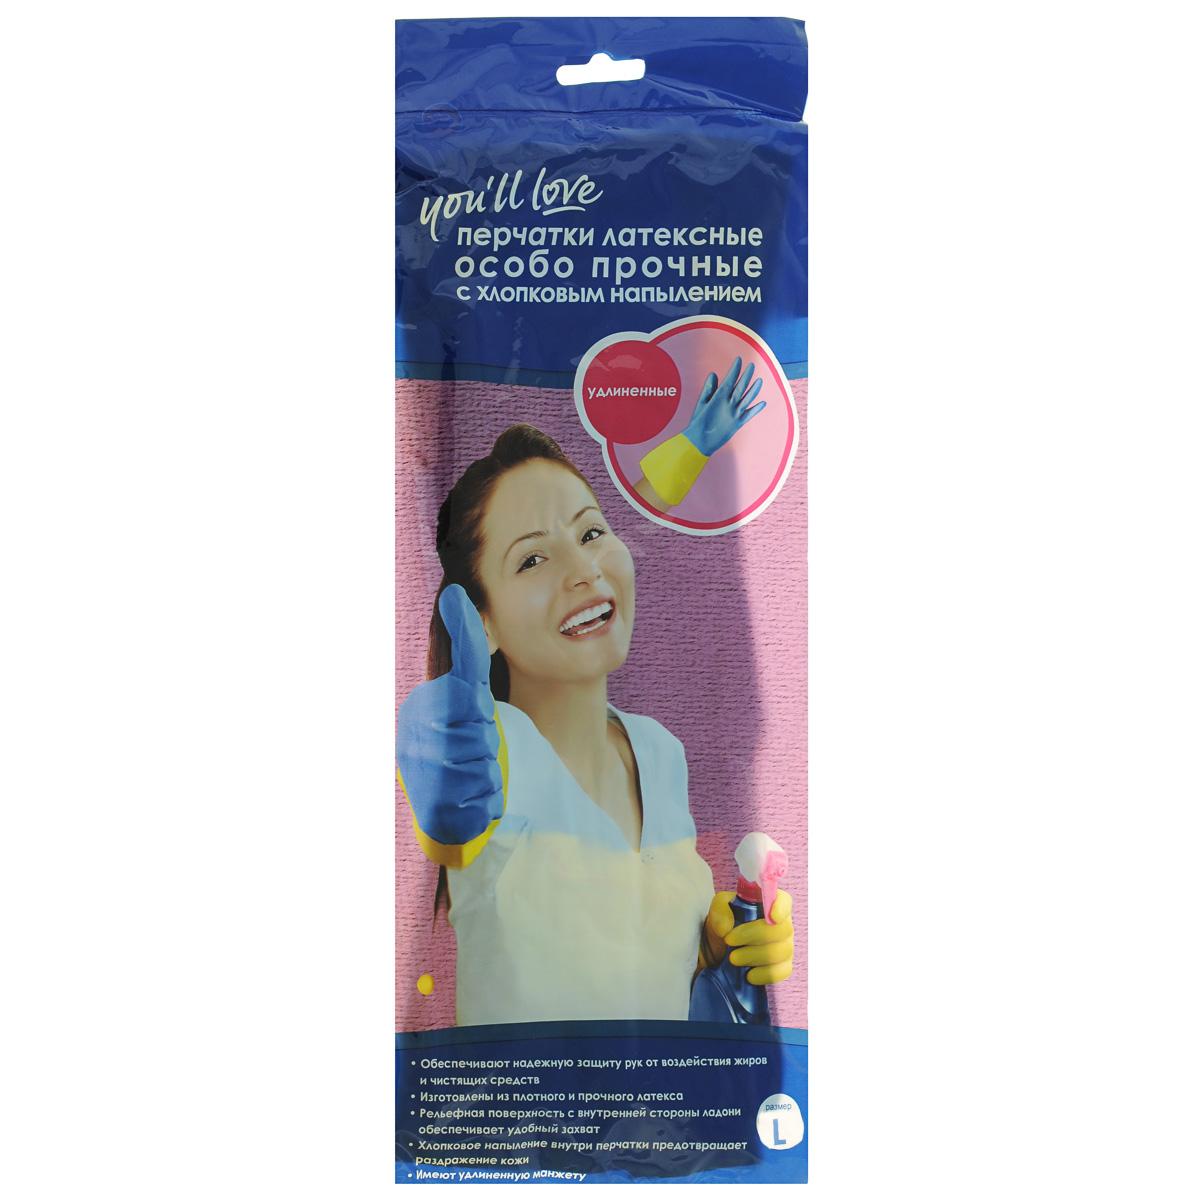 Перчатки латексные Youll love, особо прочные, удлиненные. Размер L531-105Особо прочные, плотные латексные перчатки Youll love с хлопковым напылением. Отлично защищают руки от загрязнений и воздействия моющих средств. Имеют удлиненную манжету. Рельефная поверхность с внутренней стороны ладони обеспечивает удобный захват и антискользящий эффект. Хлопковое напыление защищает от раздражений.